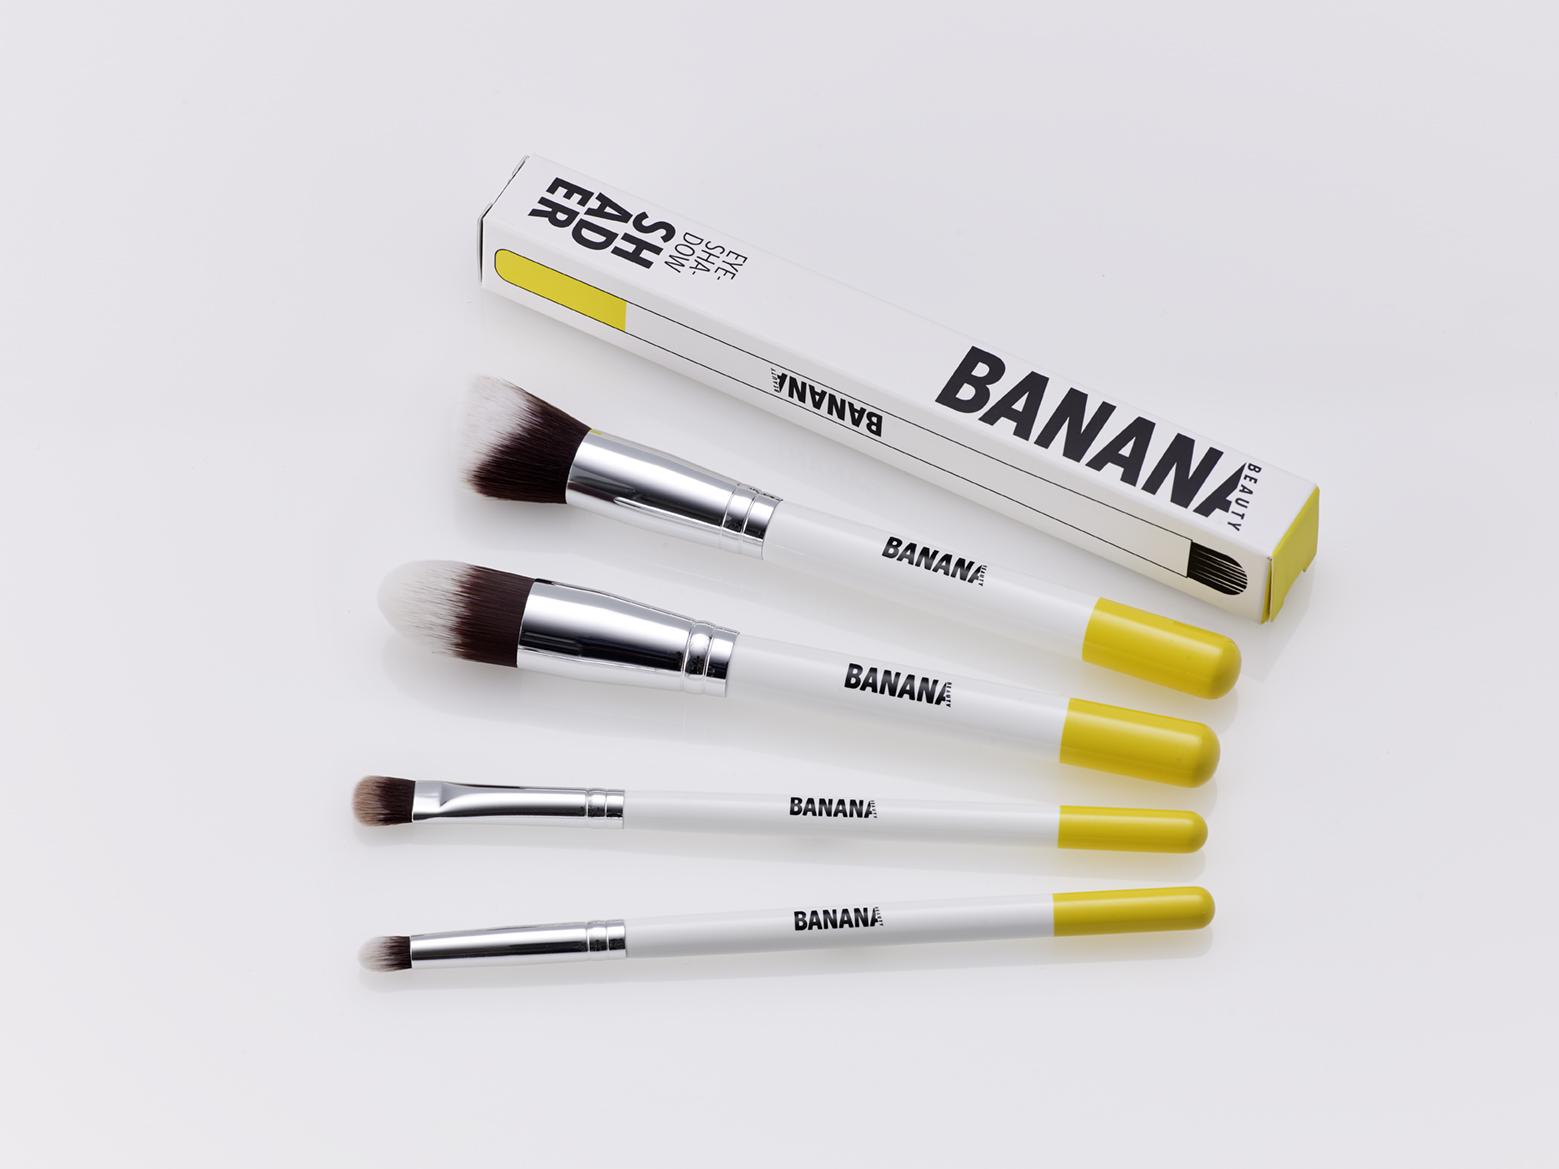 banana-pinselset-corpack